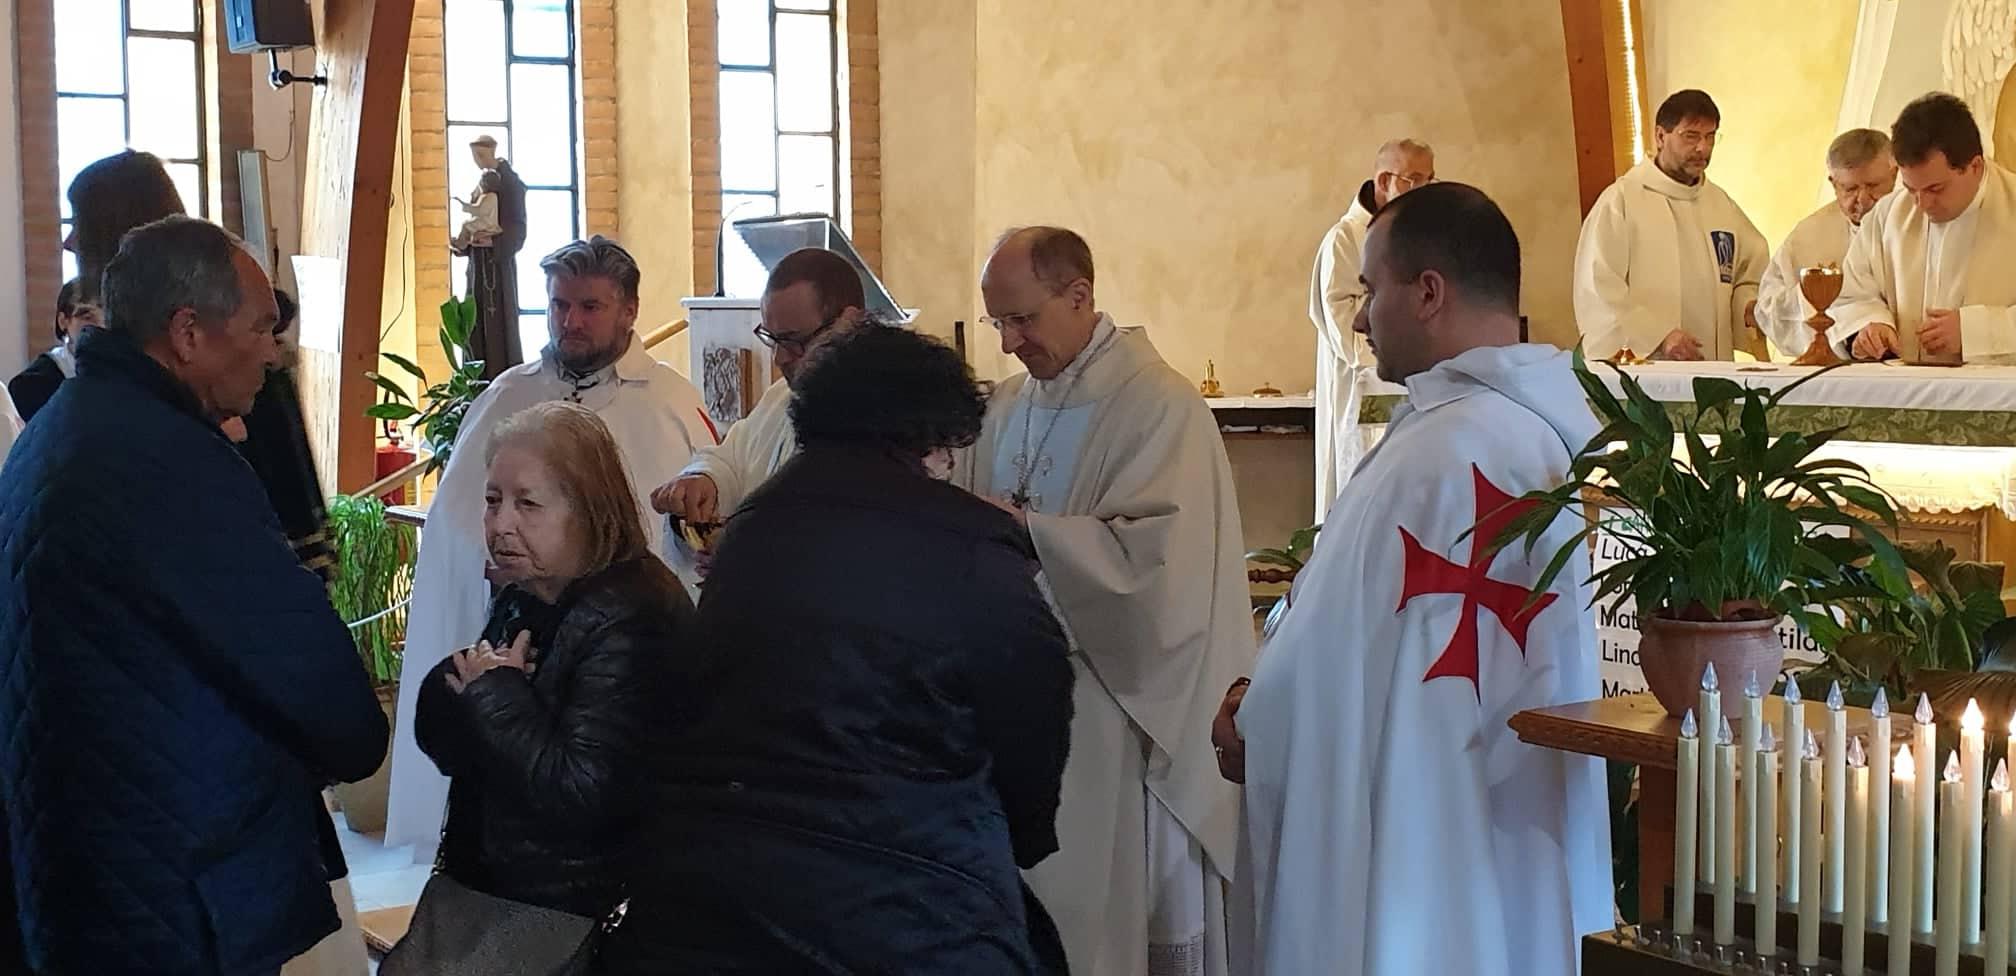 Processione e Santa Messa con S. E. Mons. Palletti Vescovo di La Spezia – Brugnato – Sarzana